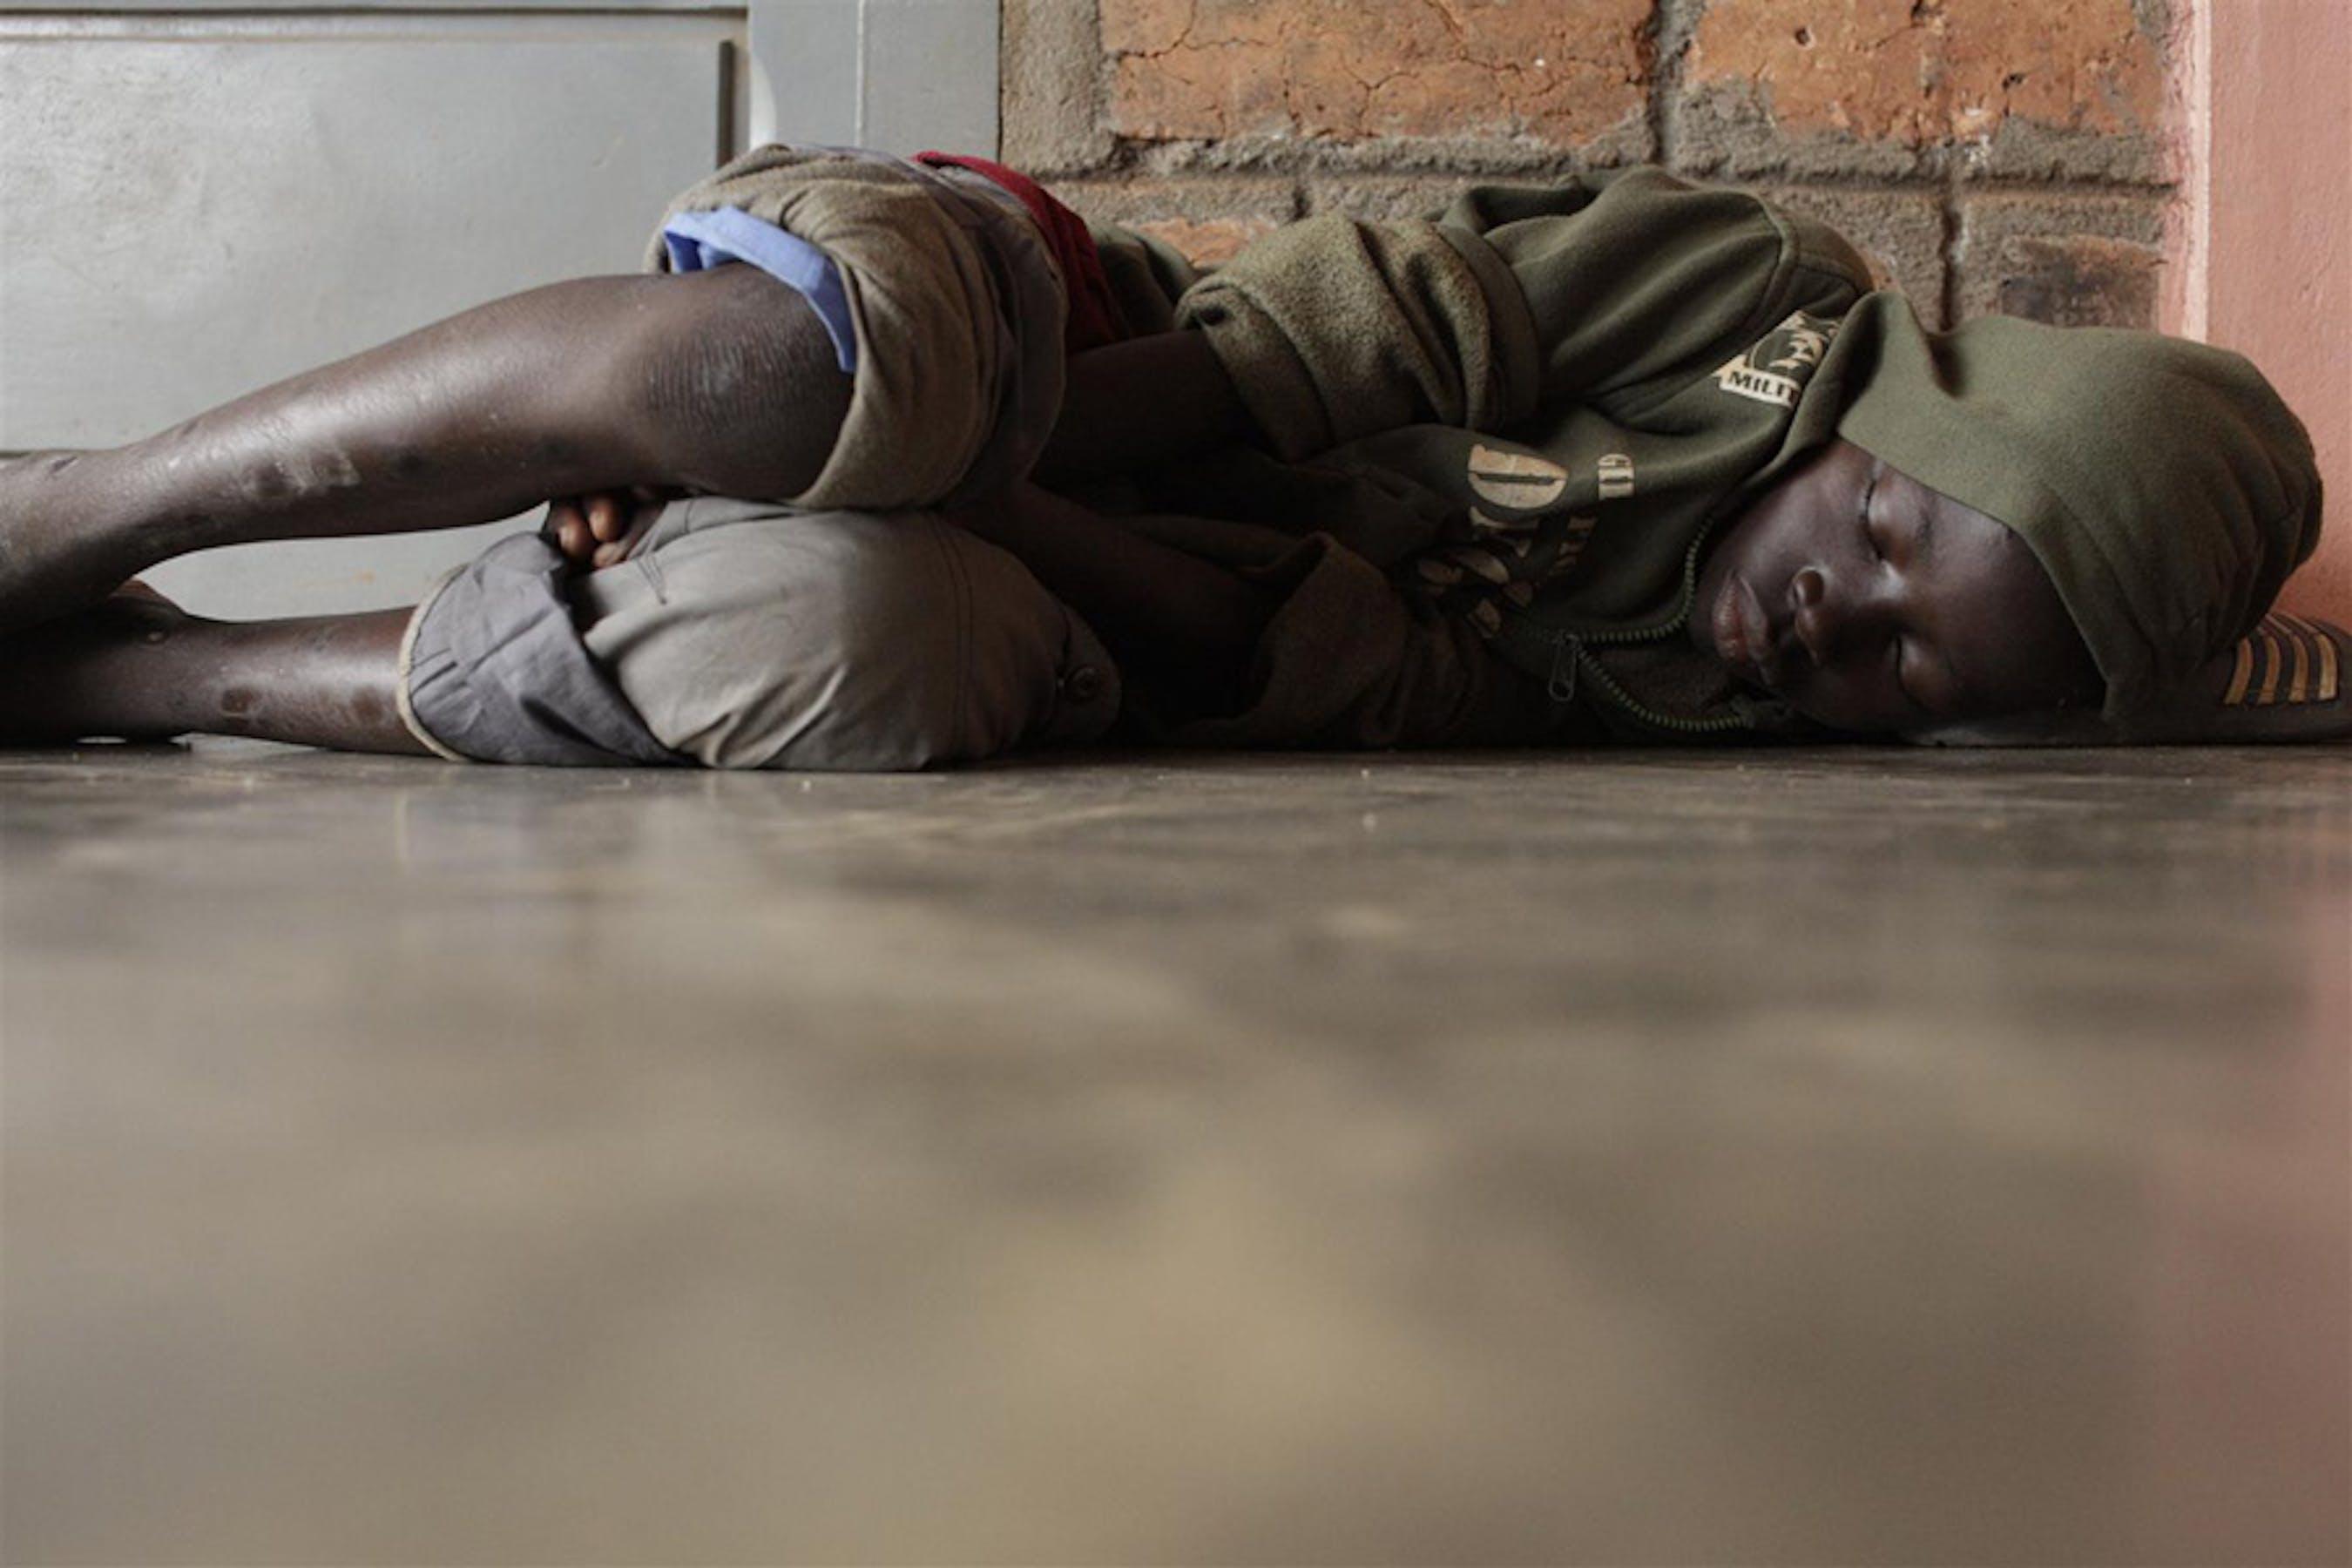 Un bambino dorme sul pavimento di un Centro di accoglienza per bambini di strada a Bangui, capitale della Repubblica Centrafricana - ©UNICEF/NYHQ2012-1167/Sokol